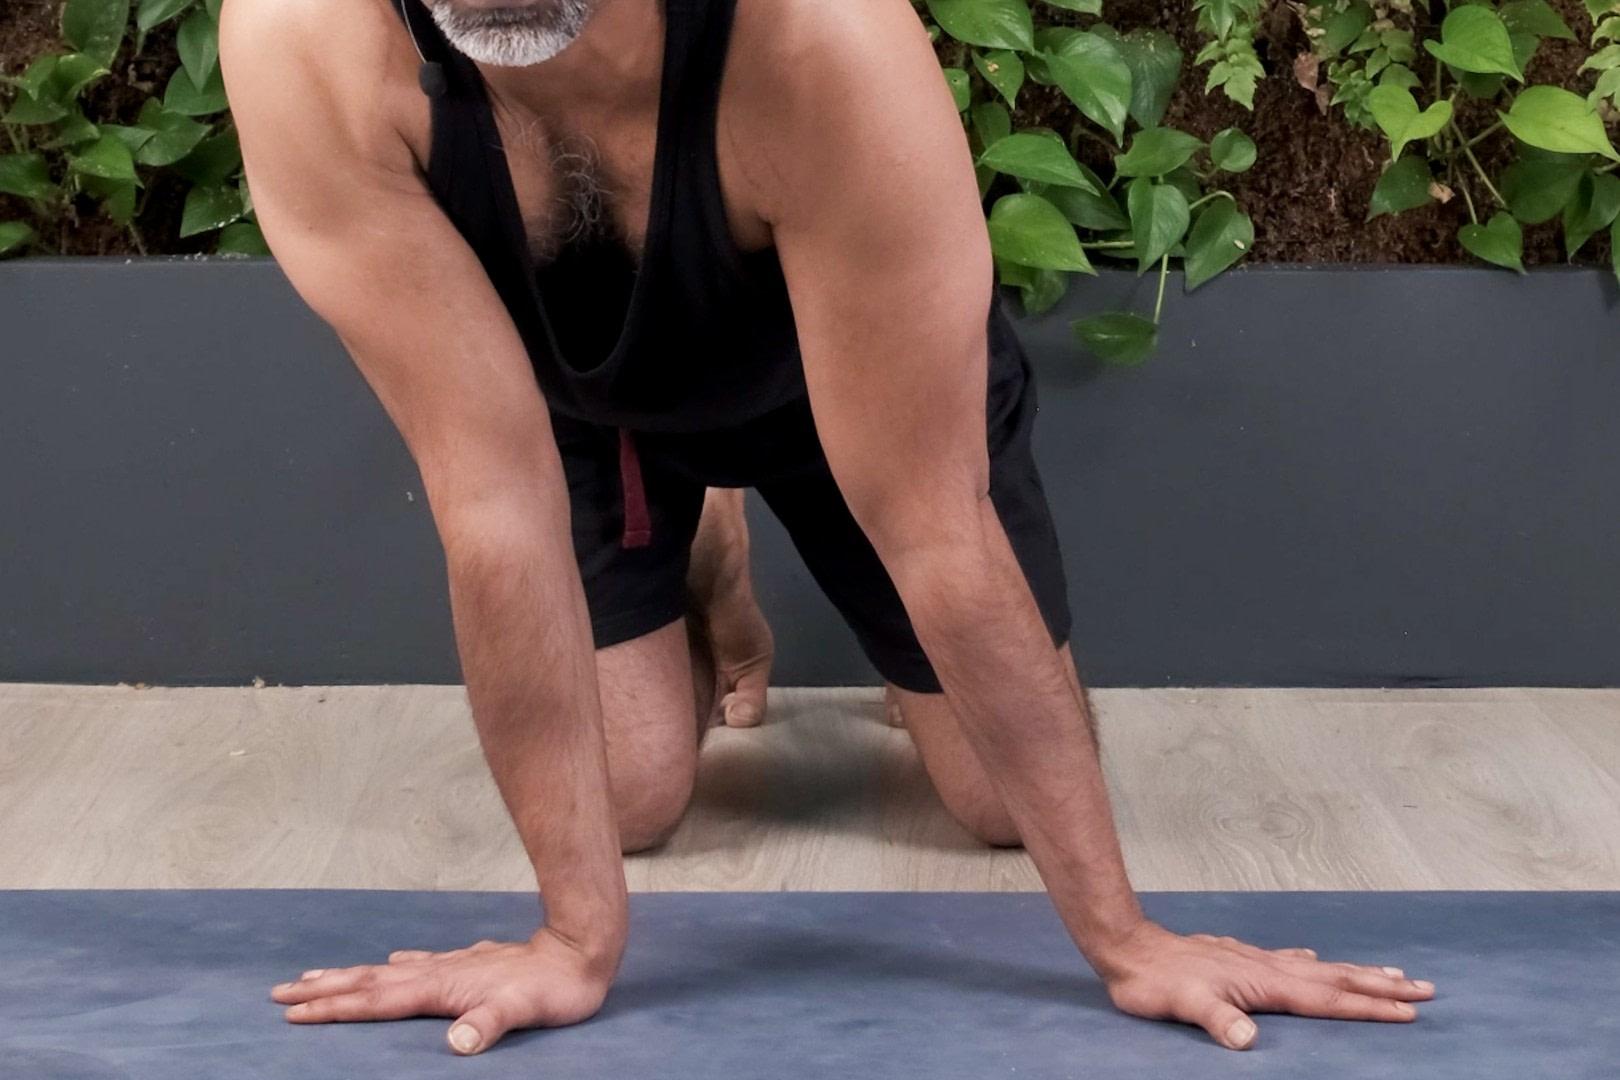 Entretenir les poignets - travailler la mobilité